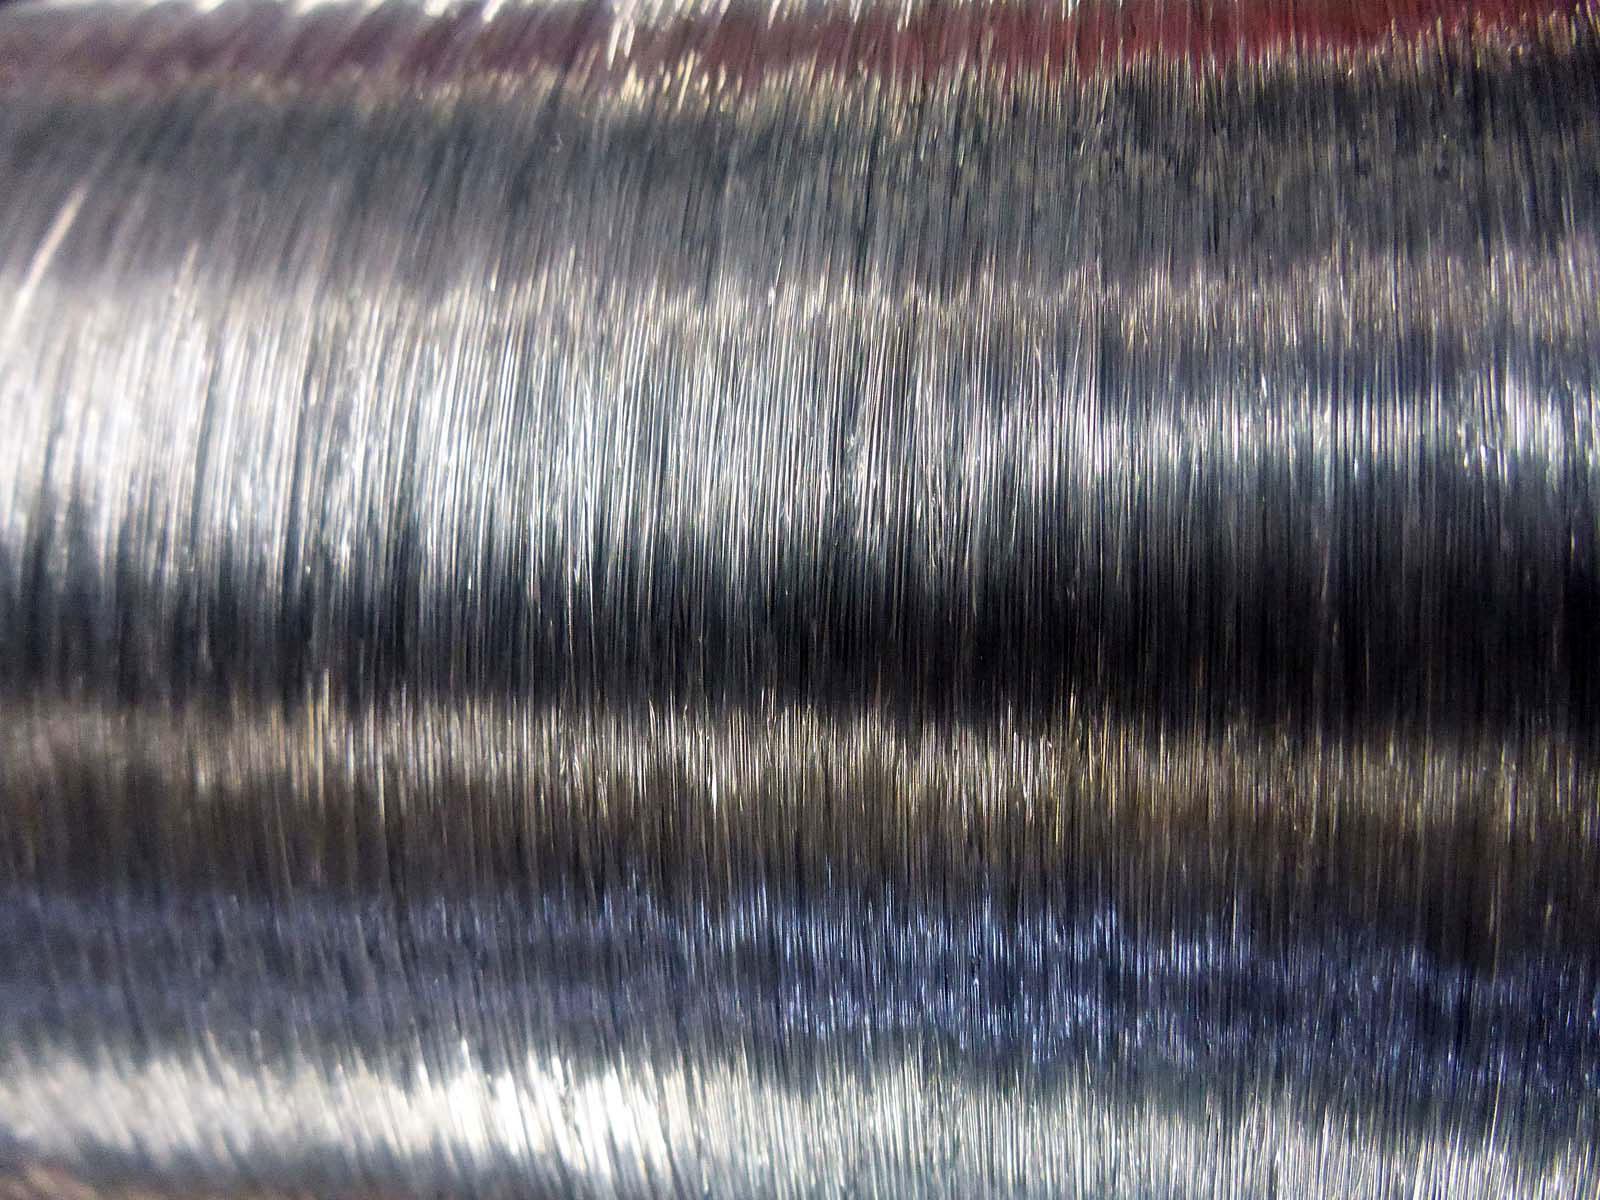 Monofile Schnur gibt es in unterschiedlichen Farben und Stärken. Sie hat eine gewisse Dehnbarkeit. Foto: J. Pusch